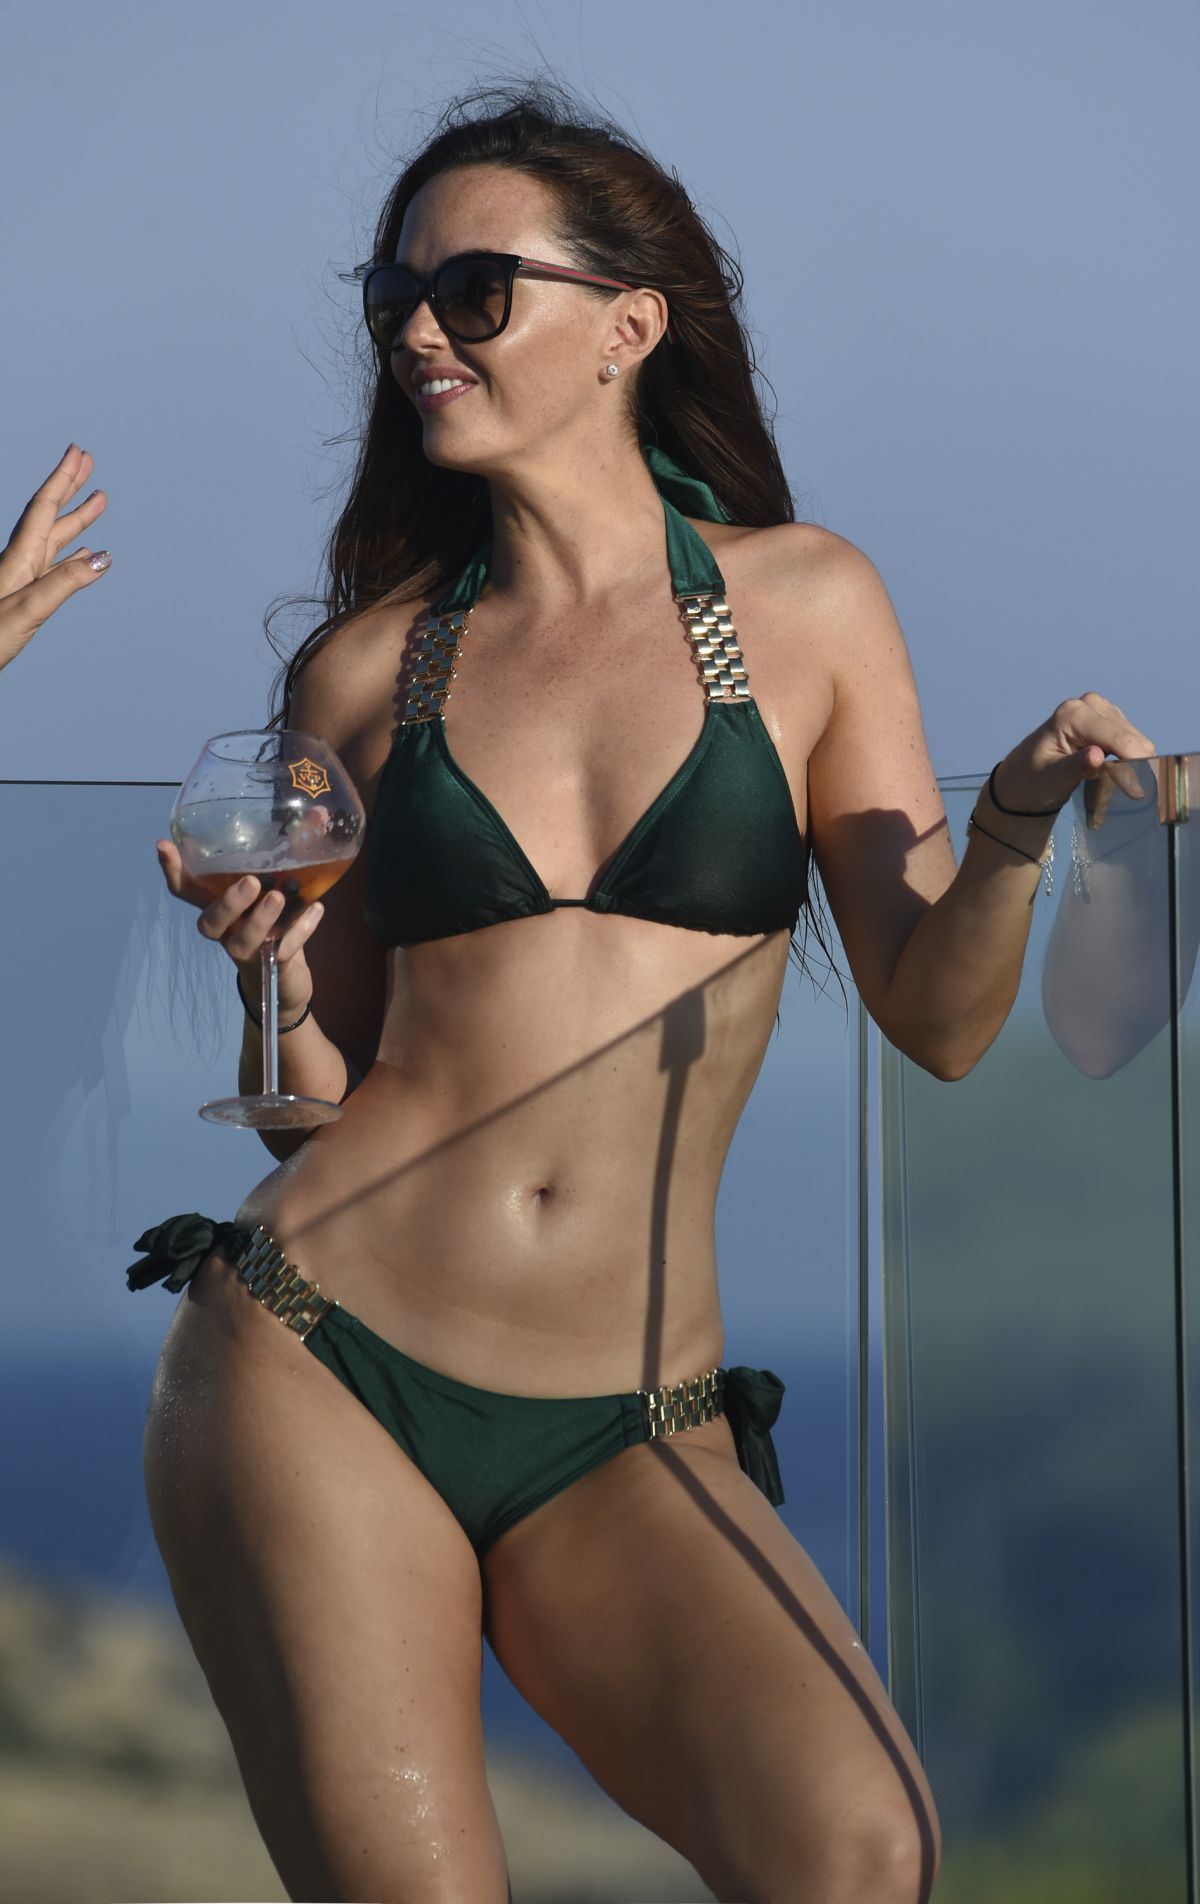 Jennifer fessler in a bikini